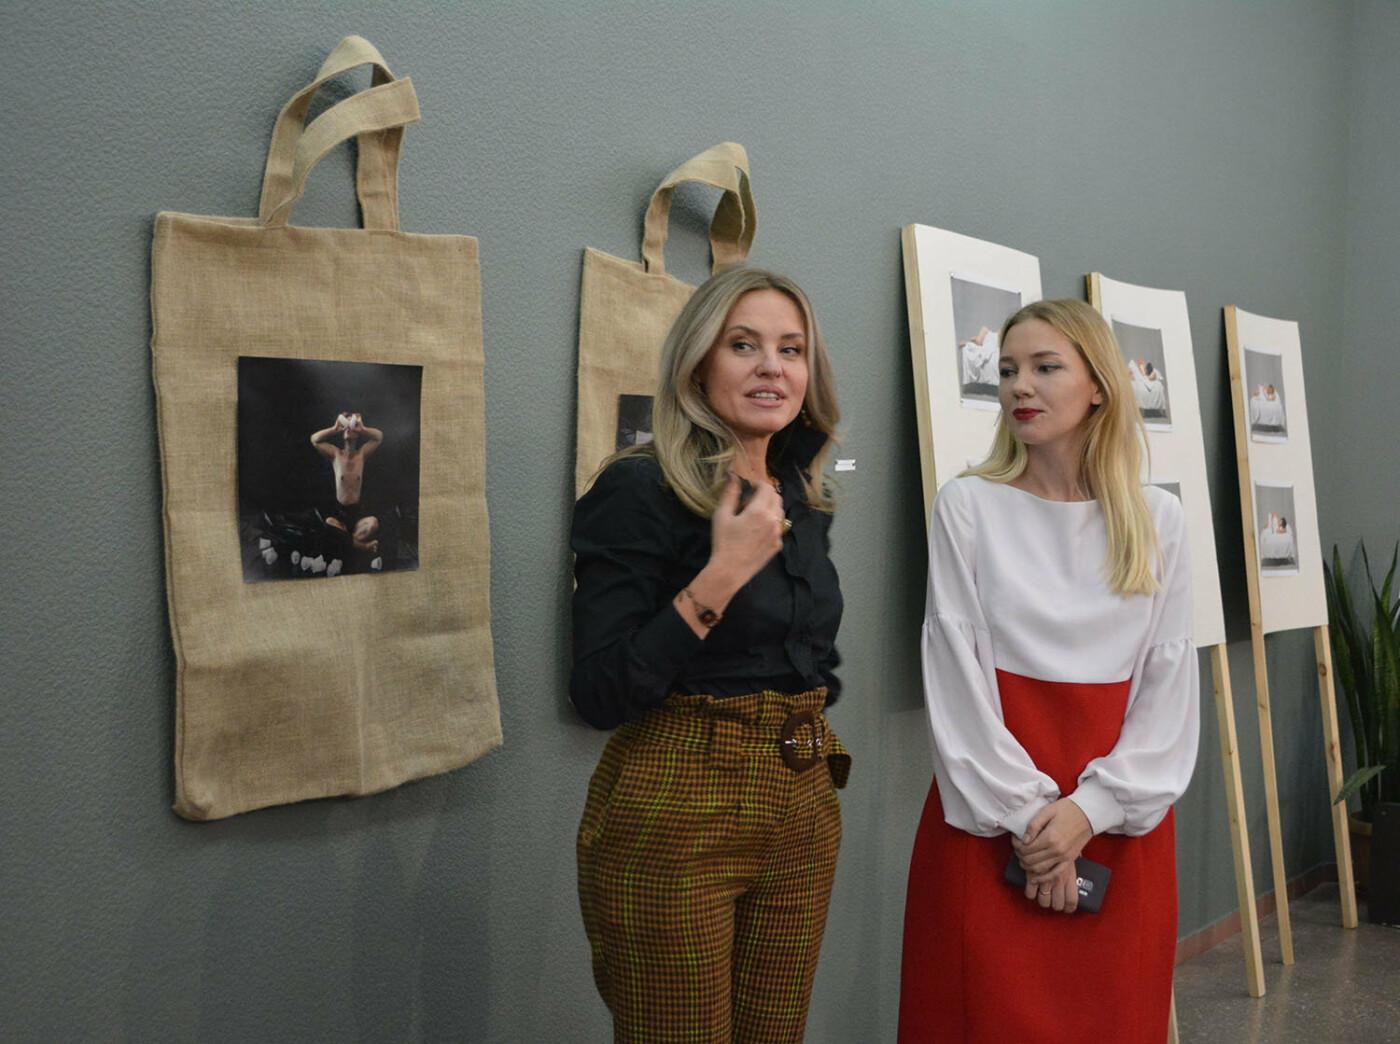 В Караганде проведена выставка «Монолог 33», фото-15